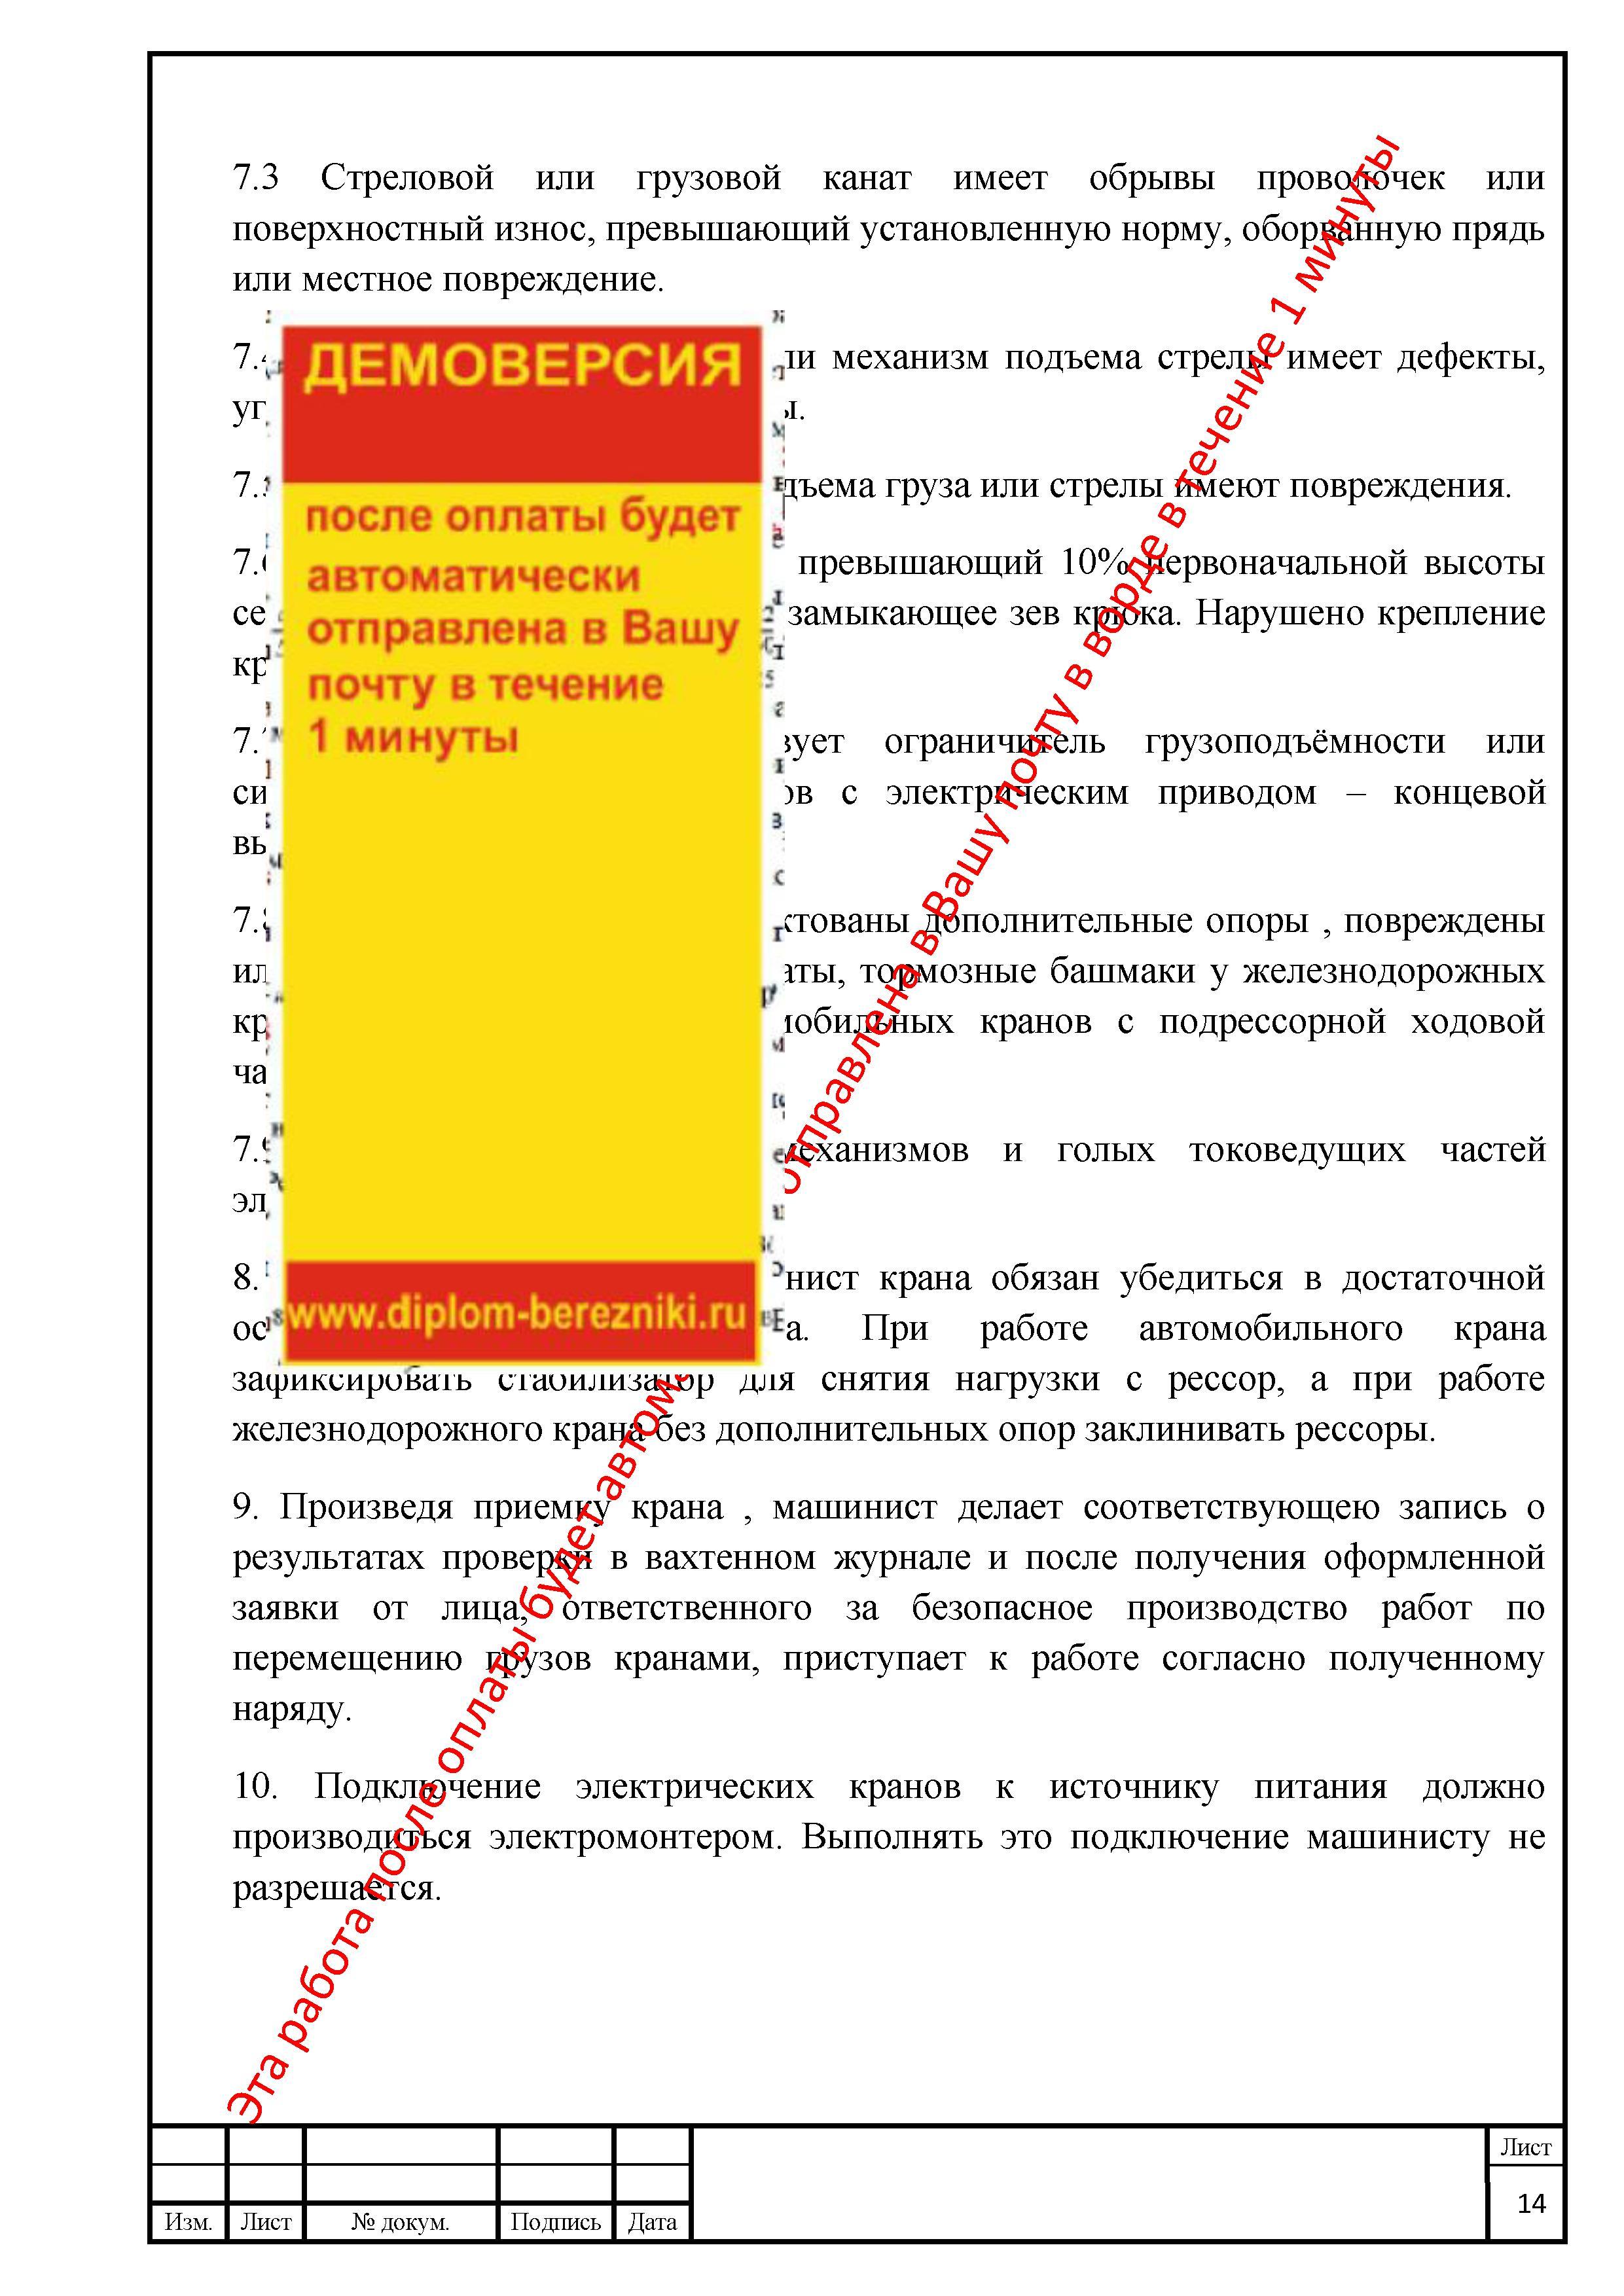 Дипломная работа автокрановщик приборы безопасности  автокрана КС-45717